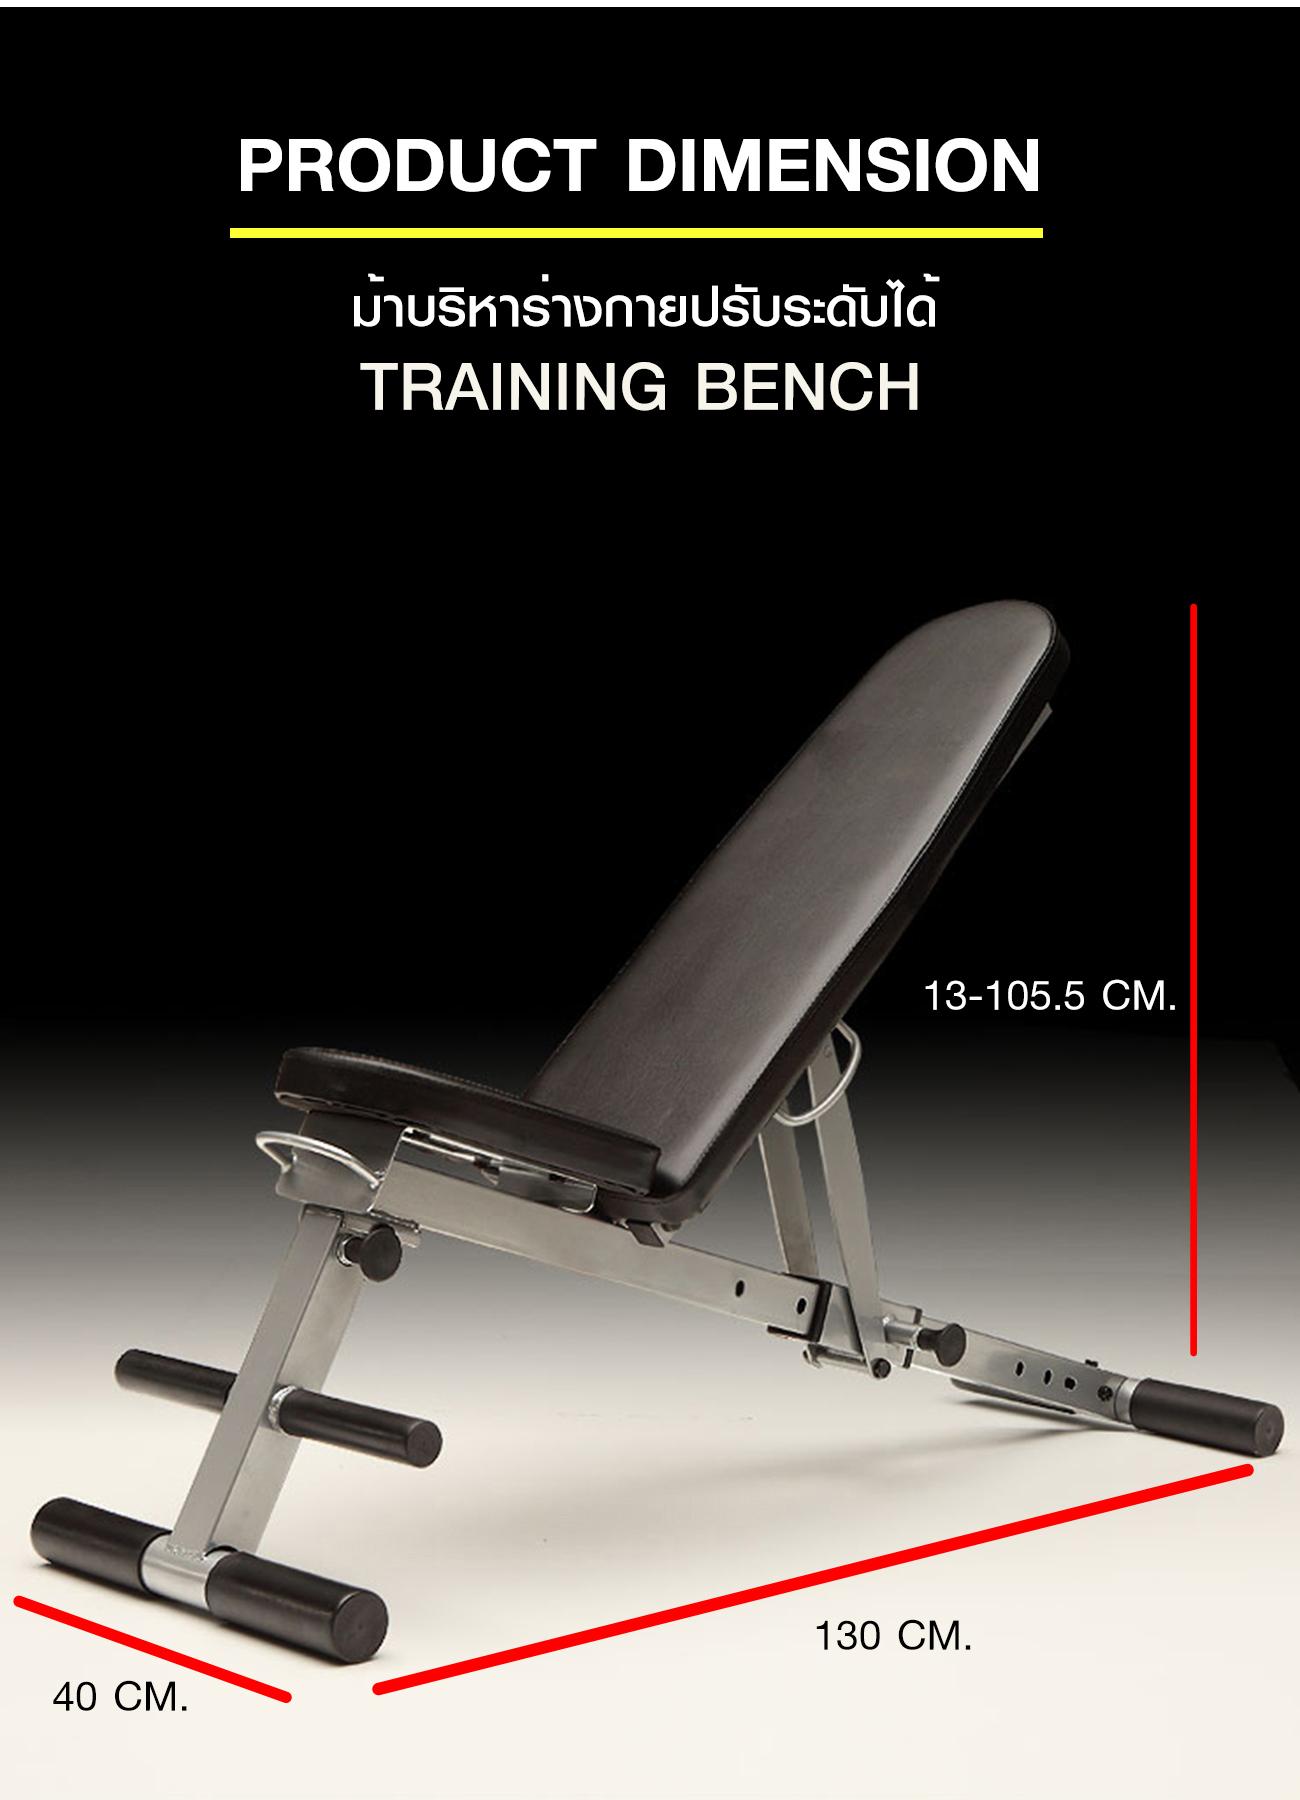 ม้าบริหารร่างกายปรับระดับ Training Bench